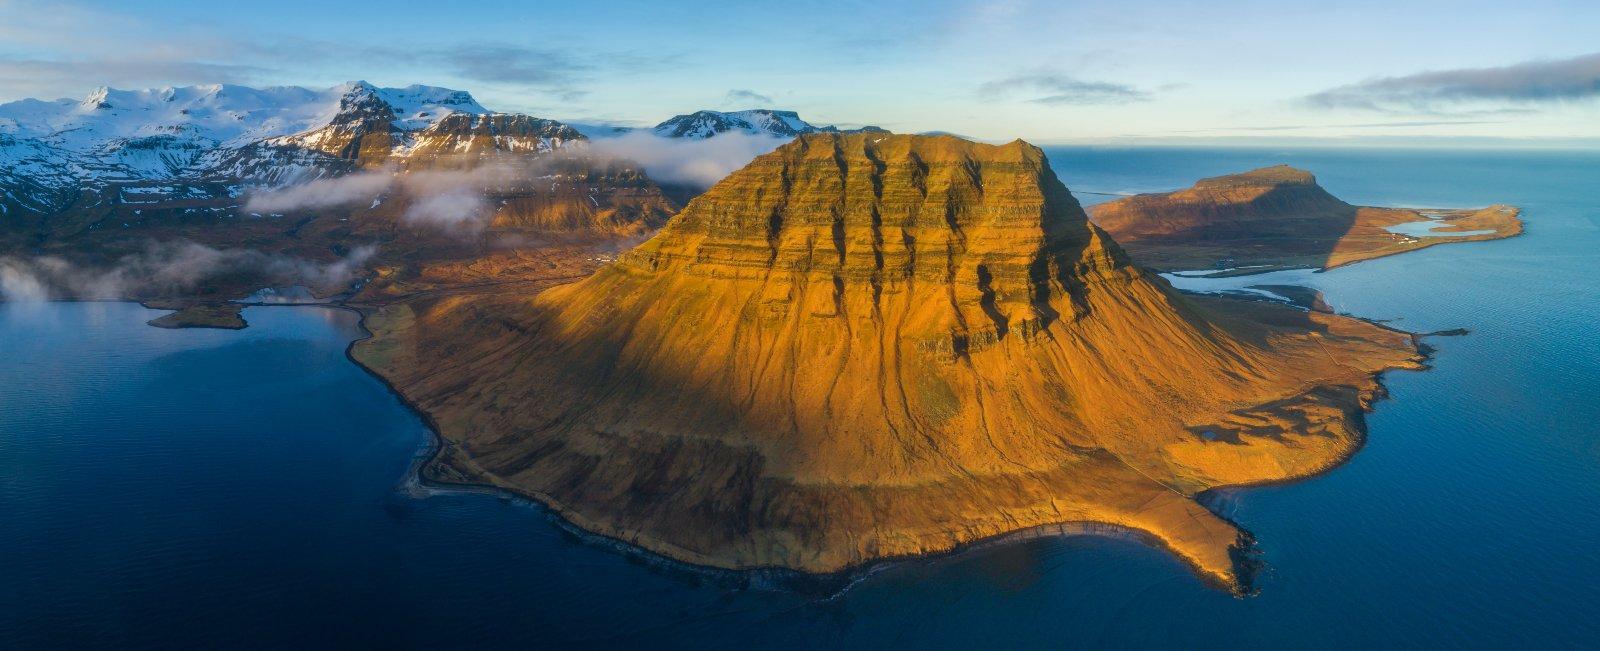 iceland, kirkjufell, исландия, горы, киркъюфелль, аэро, aerial,, Вадим Балакин